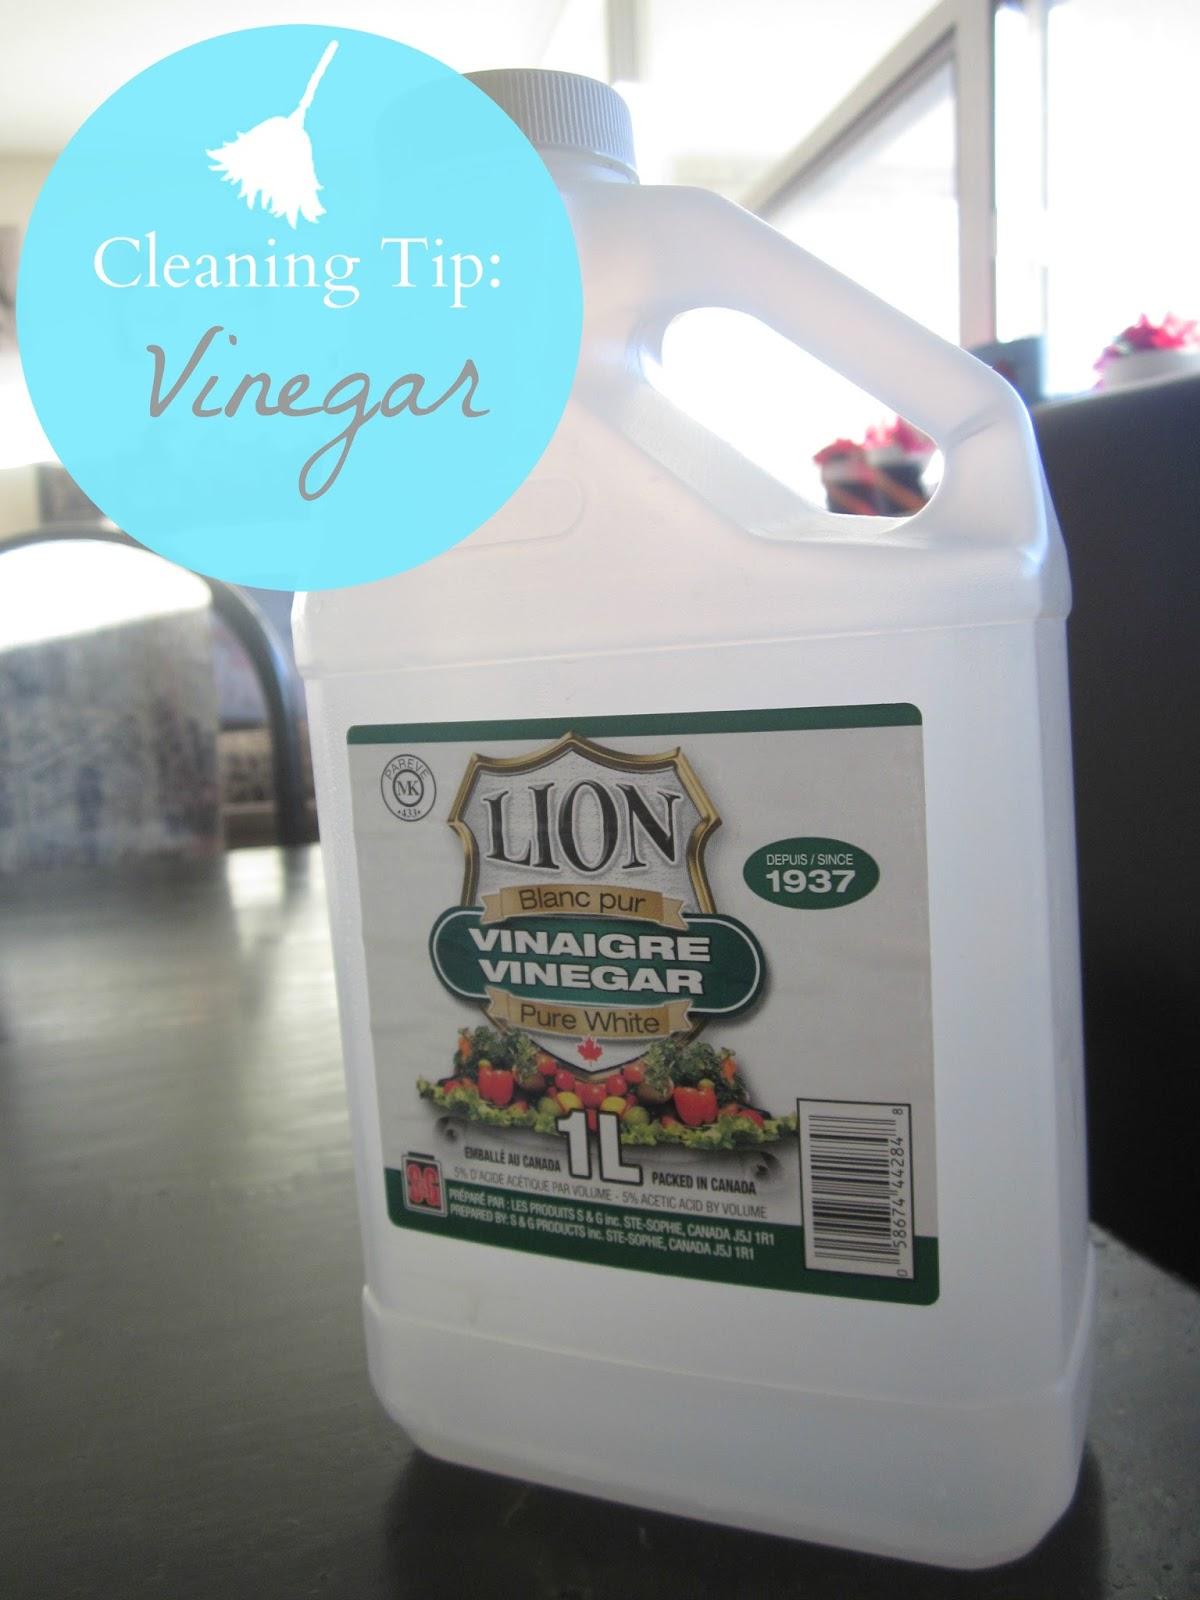 cleaning tip: vinegar